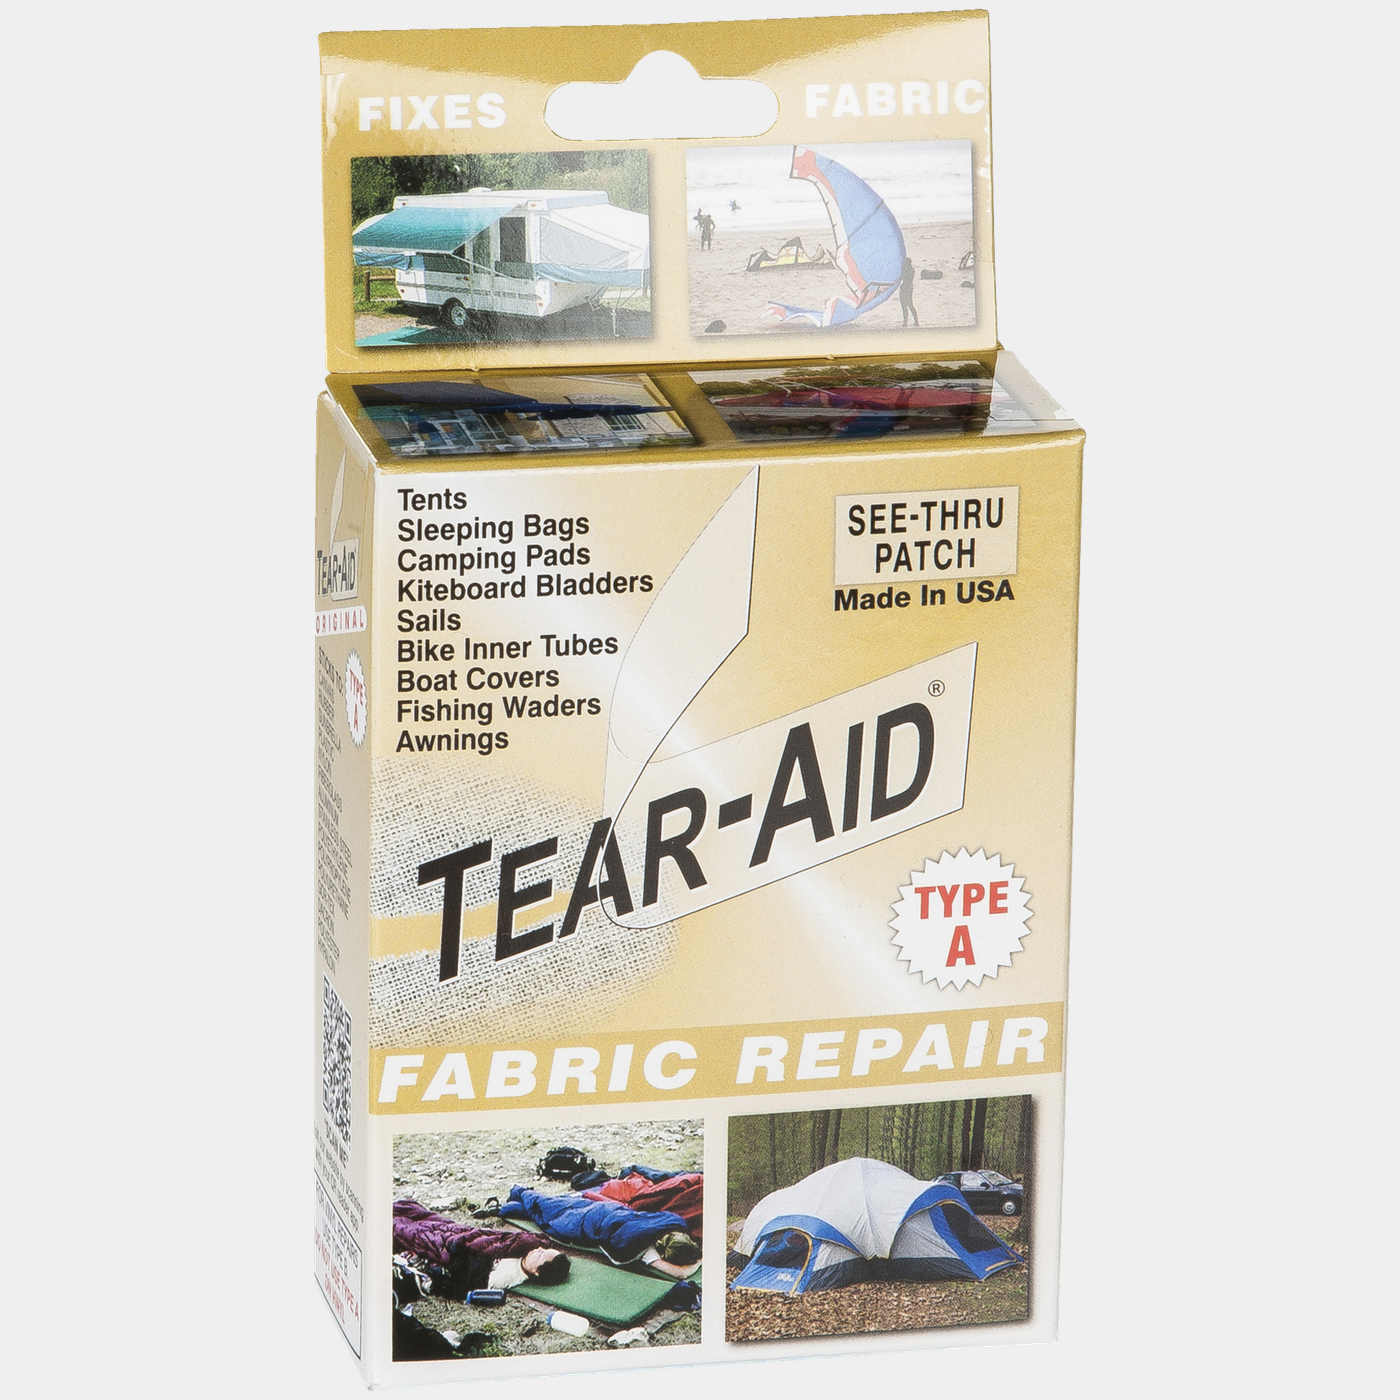 TEAR-AID REPAIR KIT - A